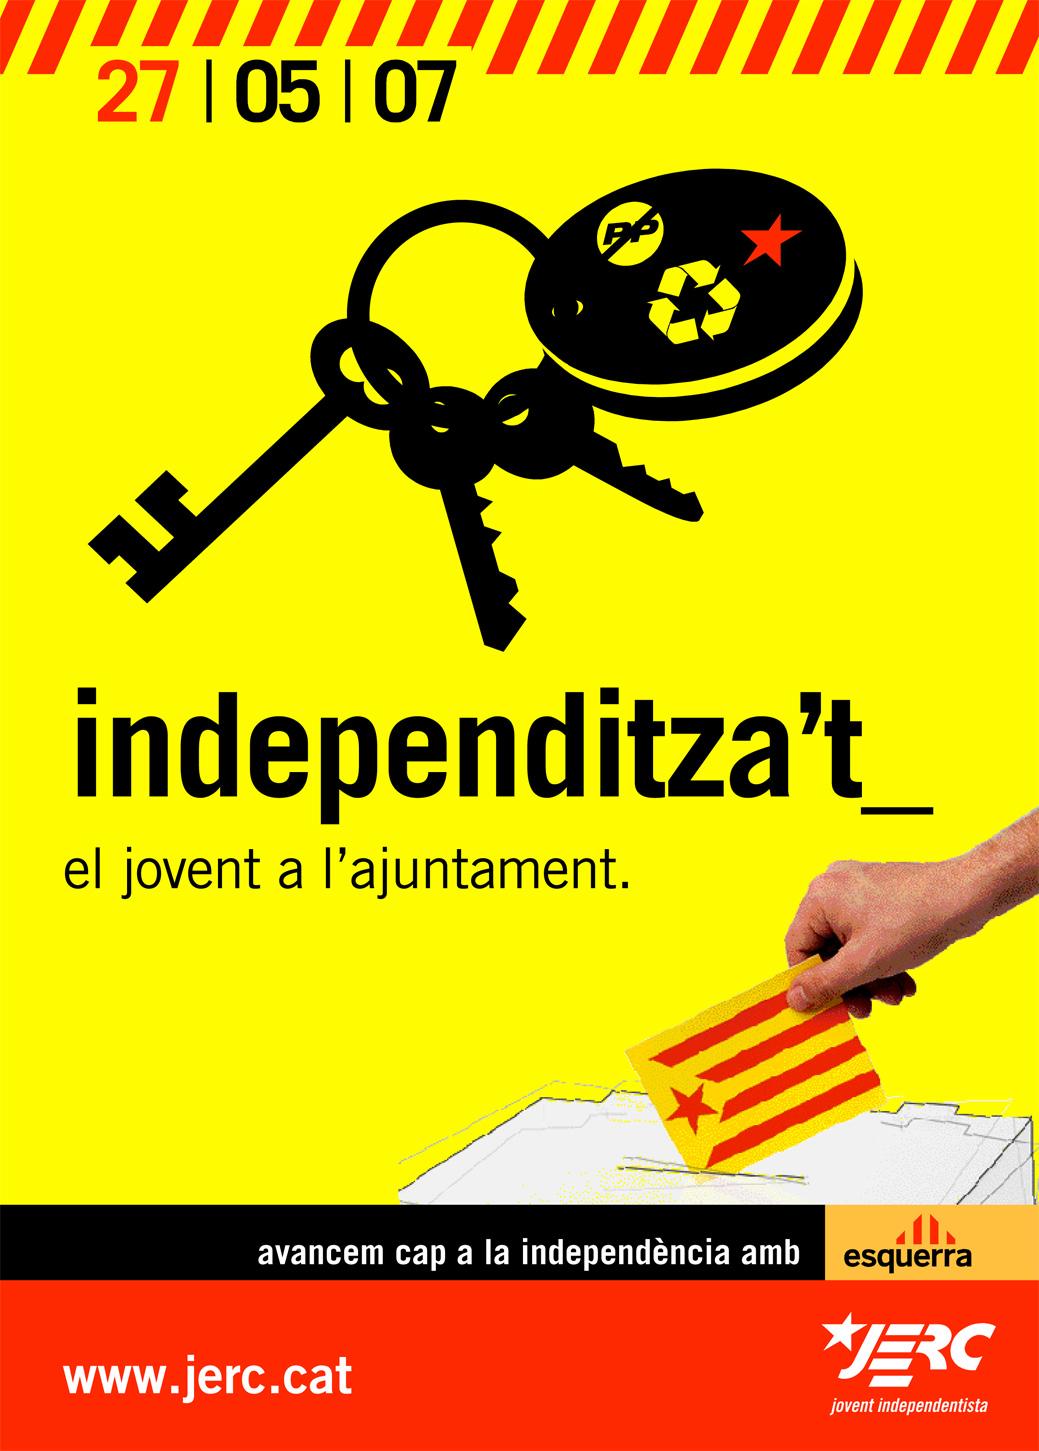 independitzatel_jovent_als_ajuntaments.jpg